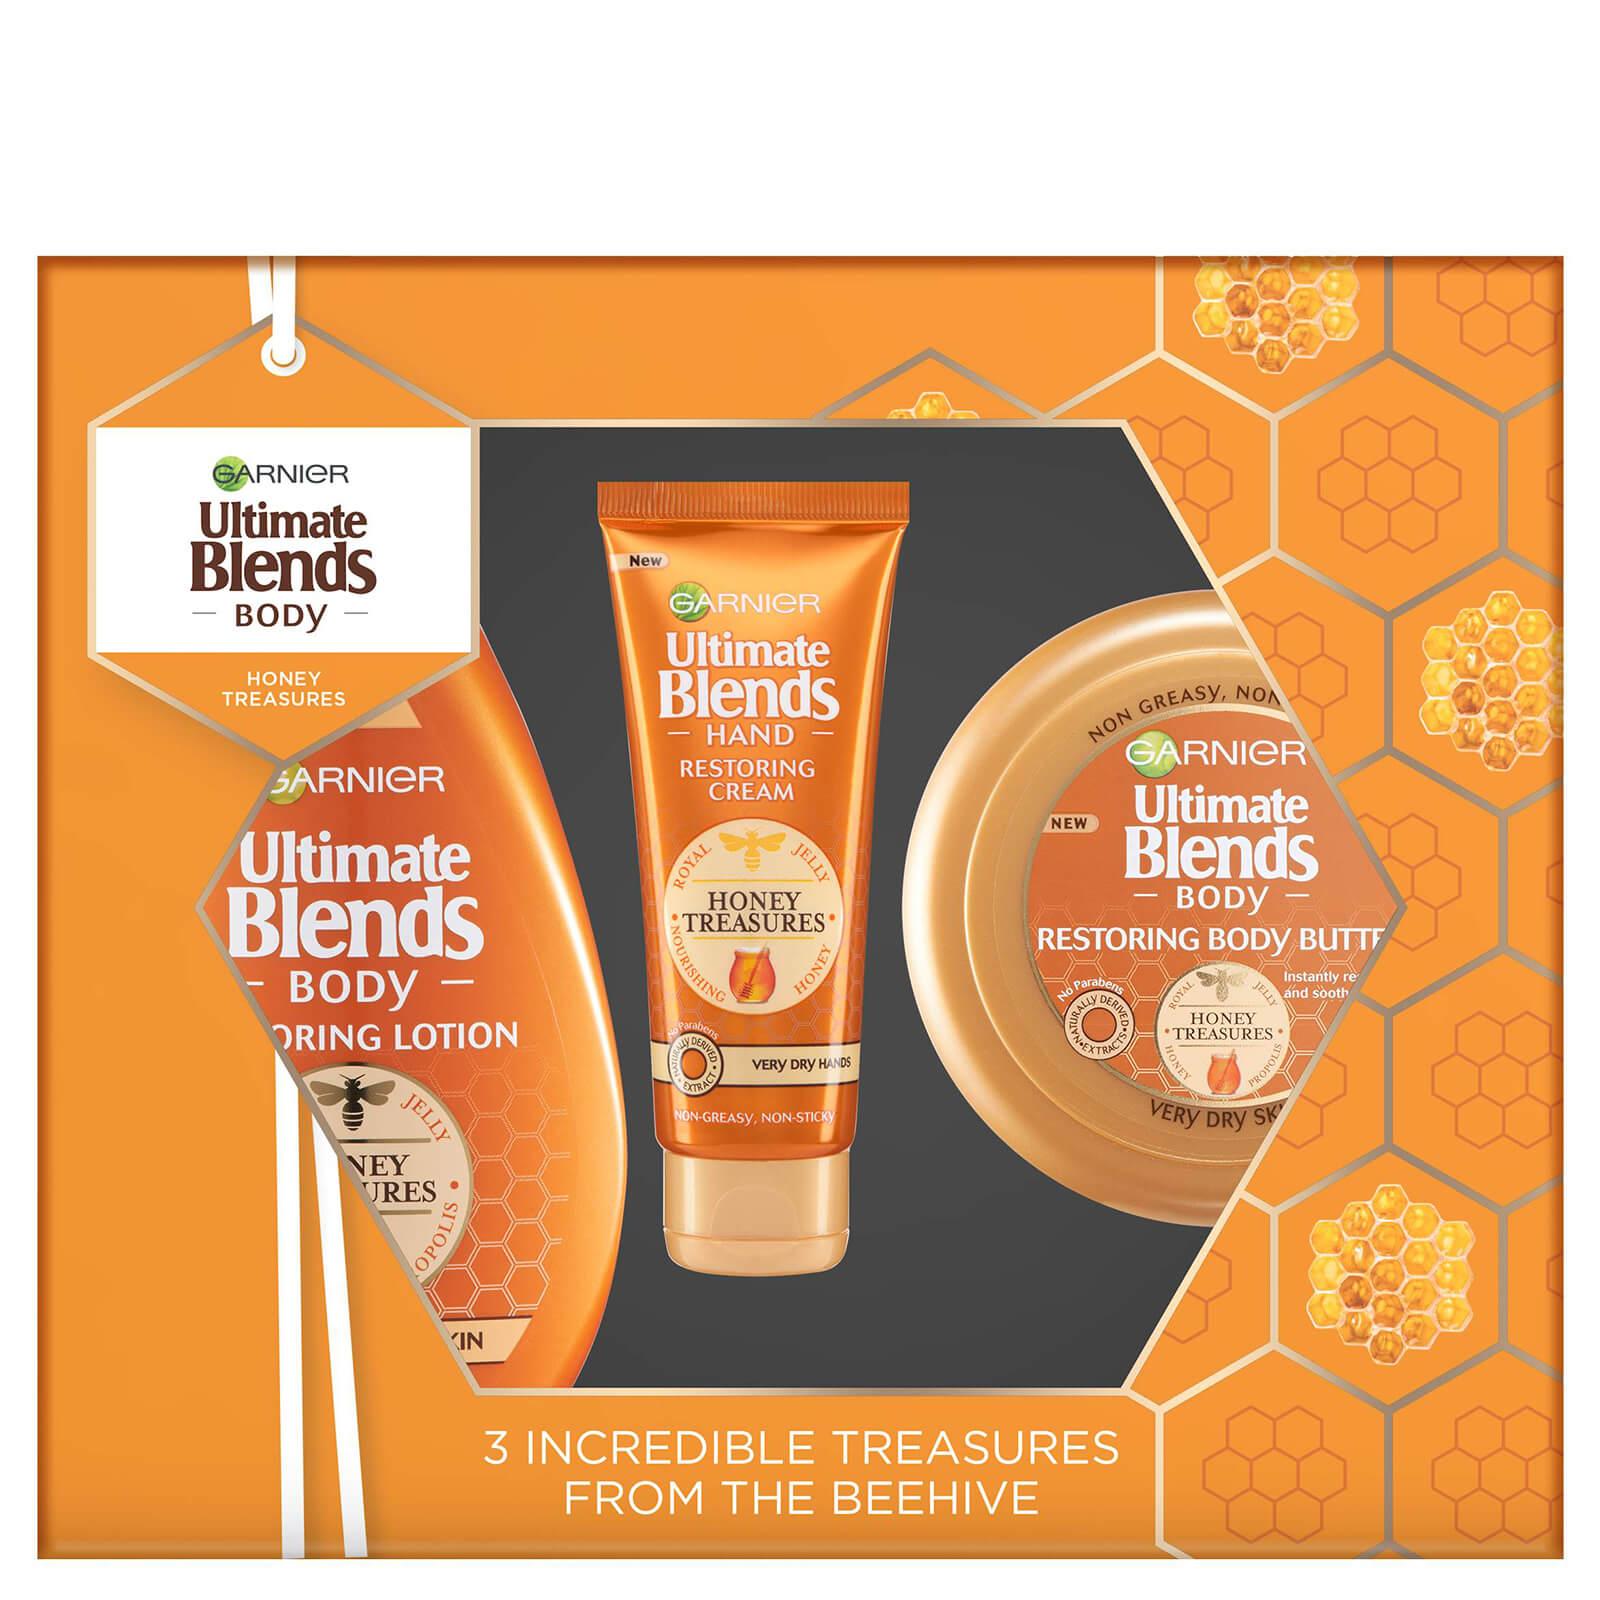 Garnier Ultimate Blends Honey Treasures Gift Set